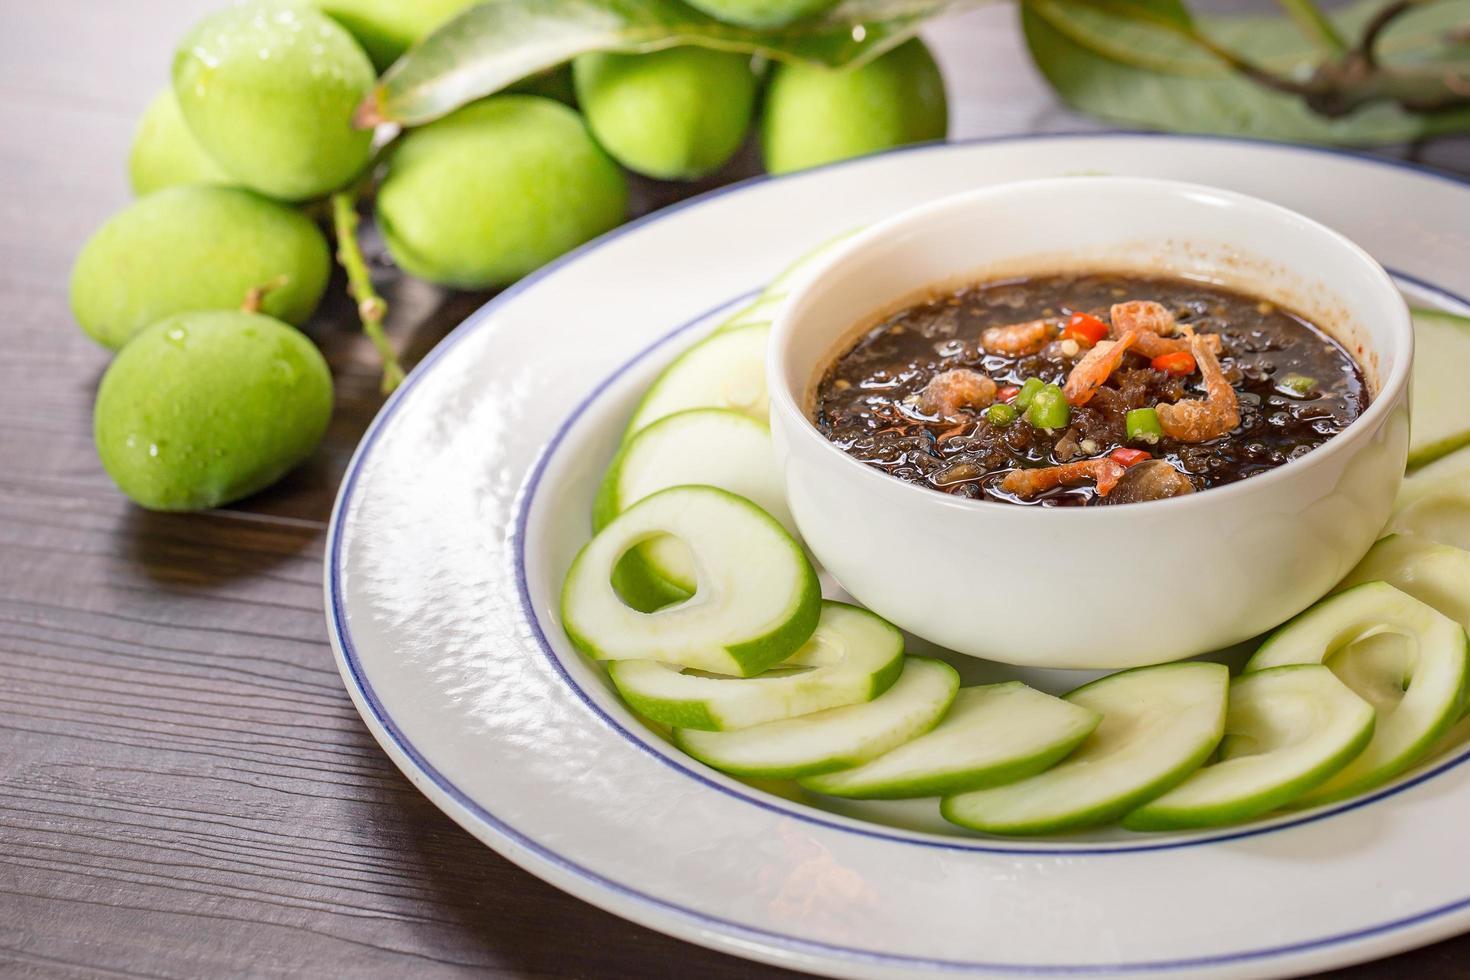 Mangos crudos salsa agria y dulce mezclar pasta de camarones, snack tailandés en plato blanco el enfoque selectivo foto